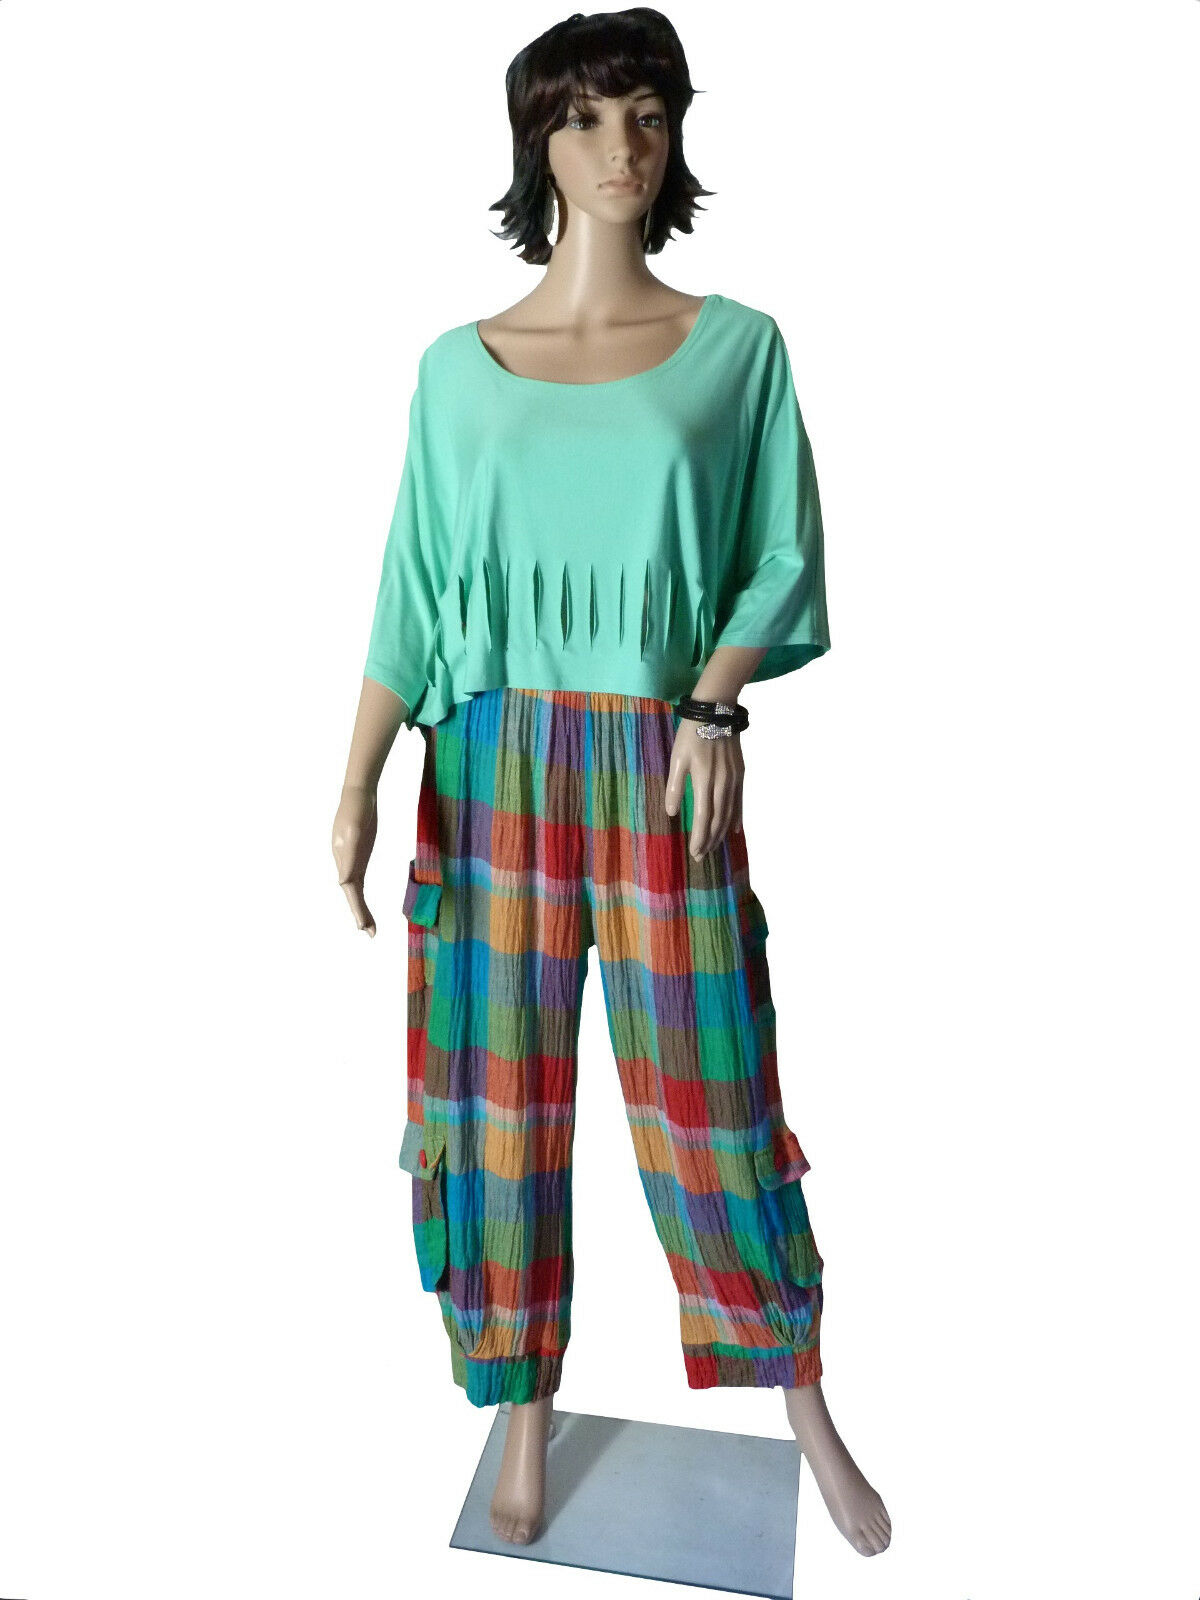 Größe XL 44 46 Super Cool Confortable Farbeé Pantalon Lin Motif à Carreaux Superposé